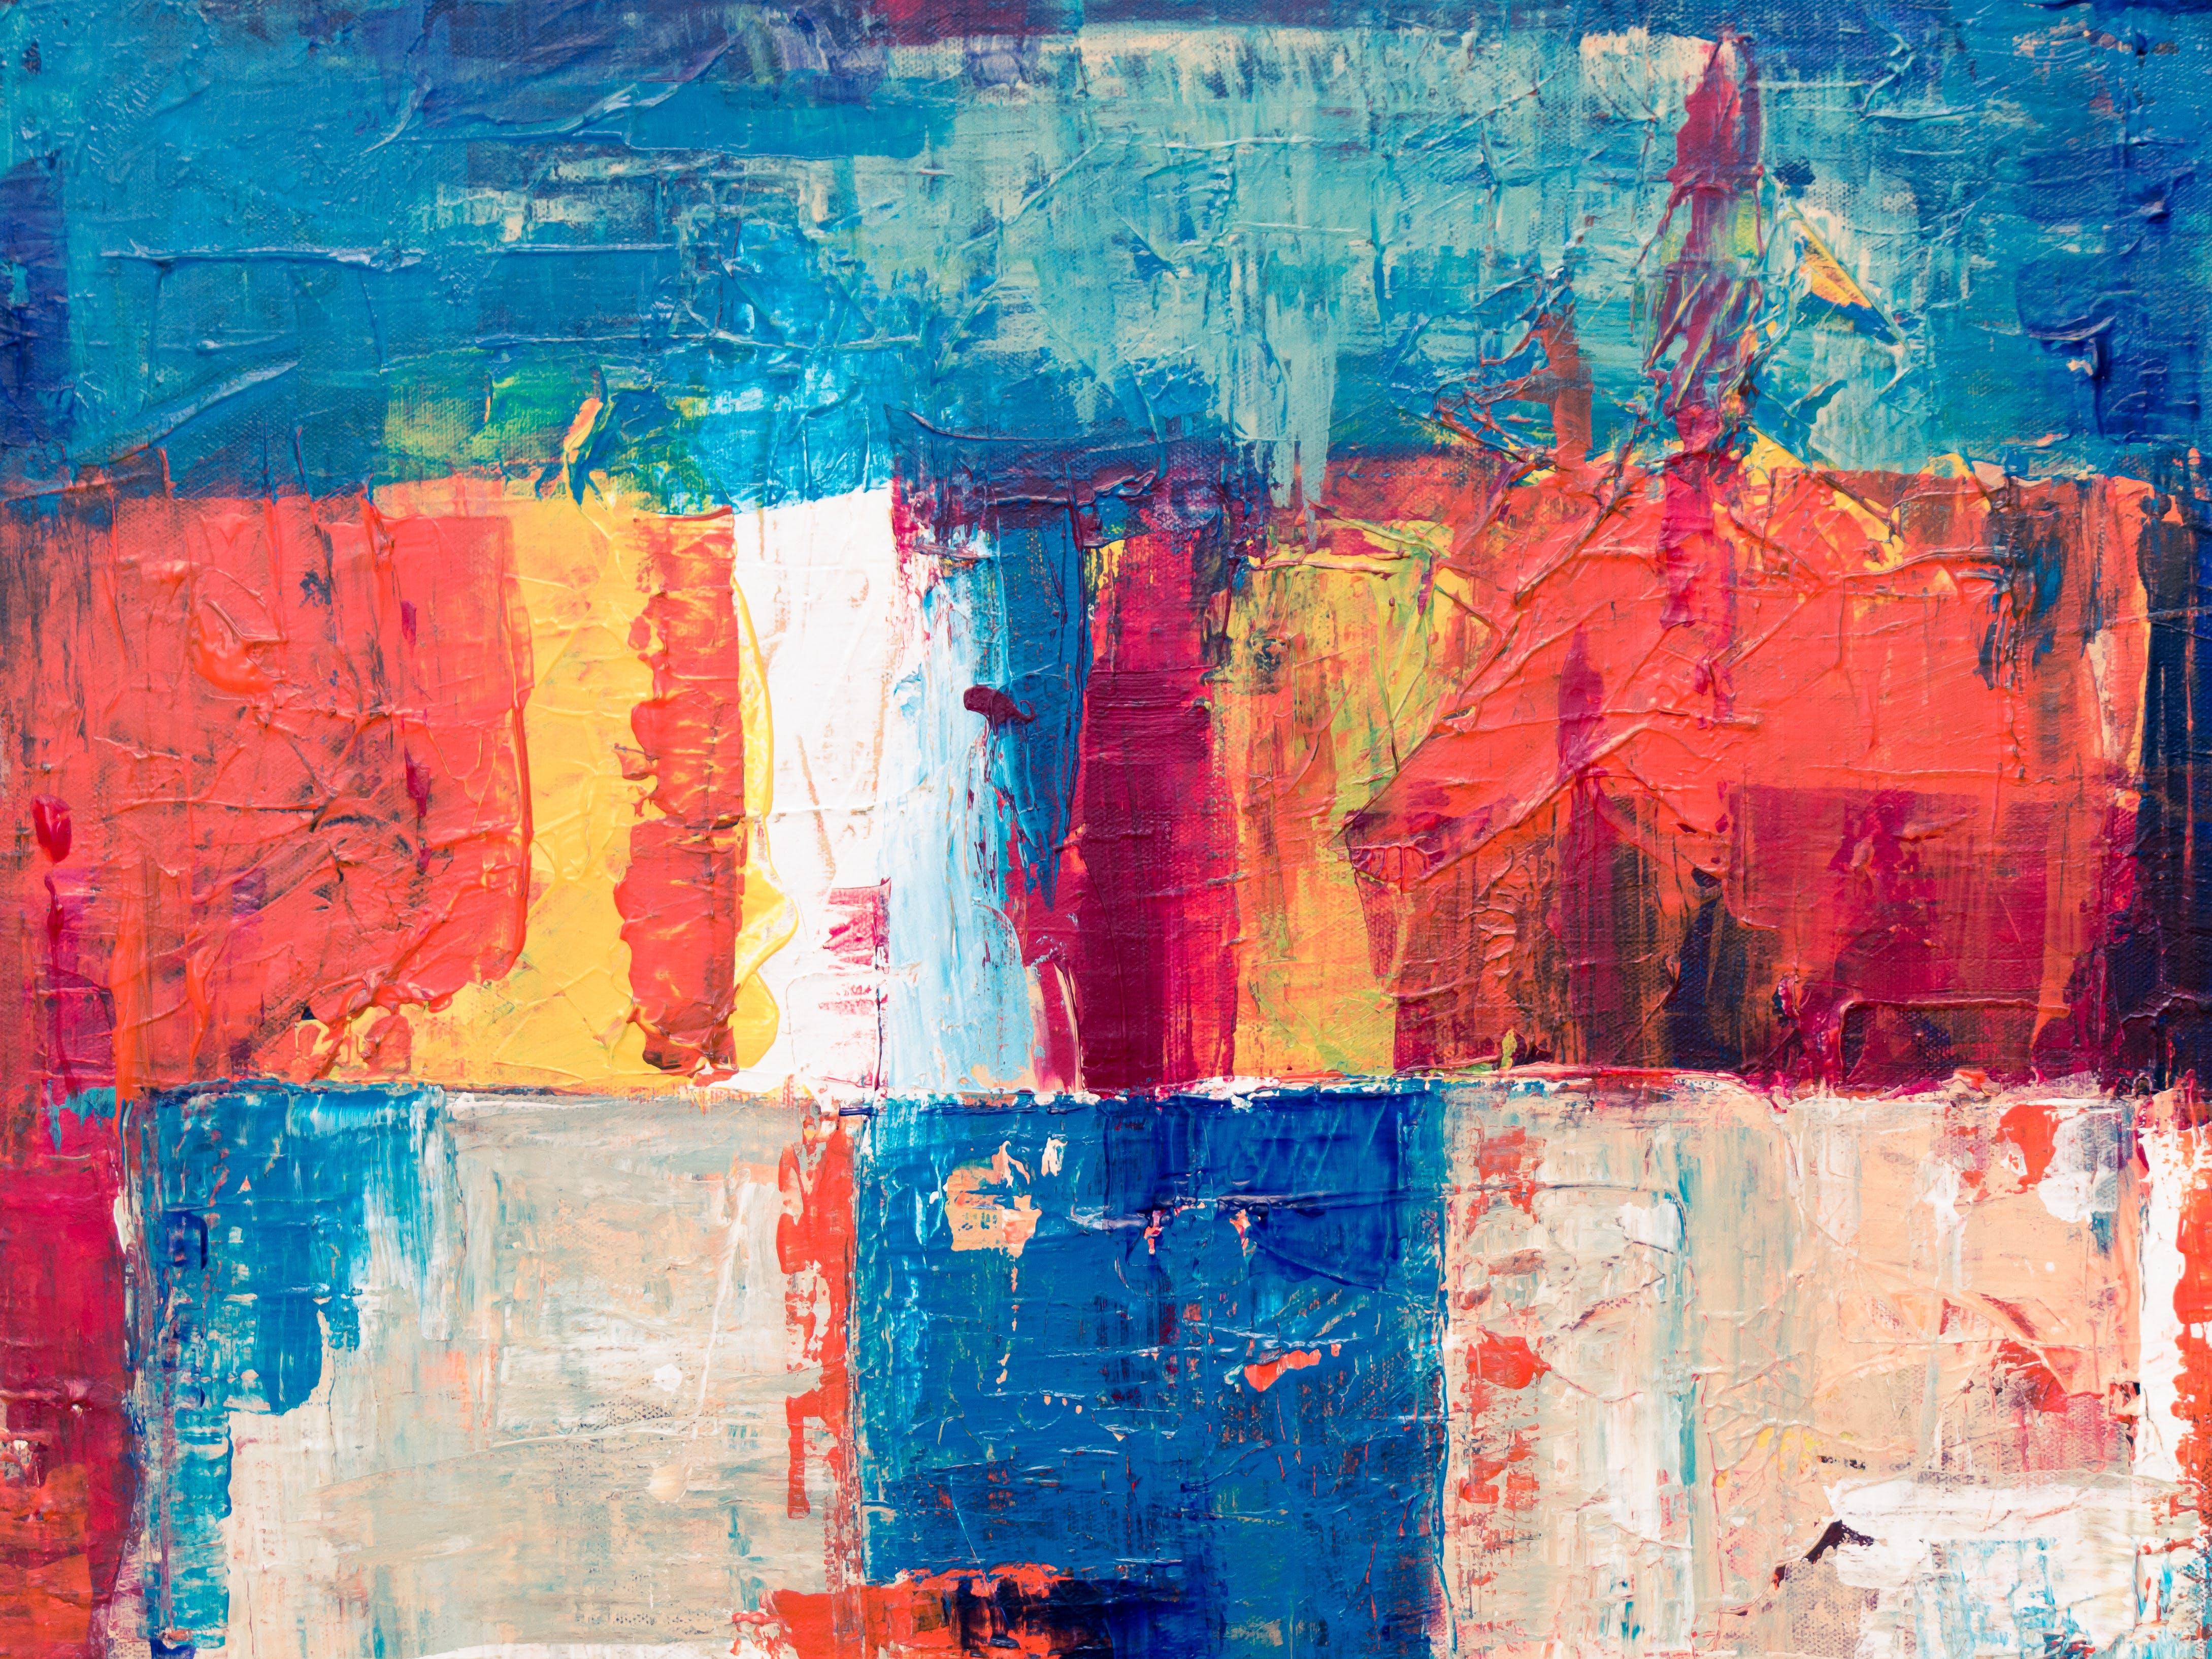 akrilik, akrilik boya, artistik, boya içeren Ücretsiz stok fotoğraf